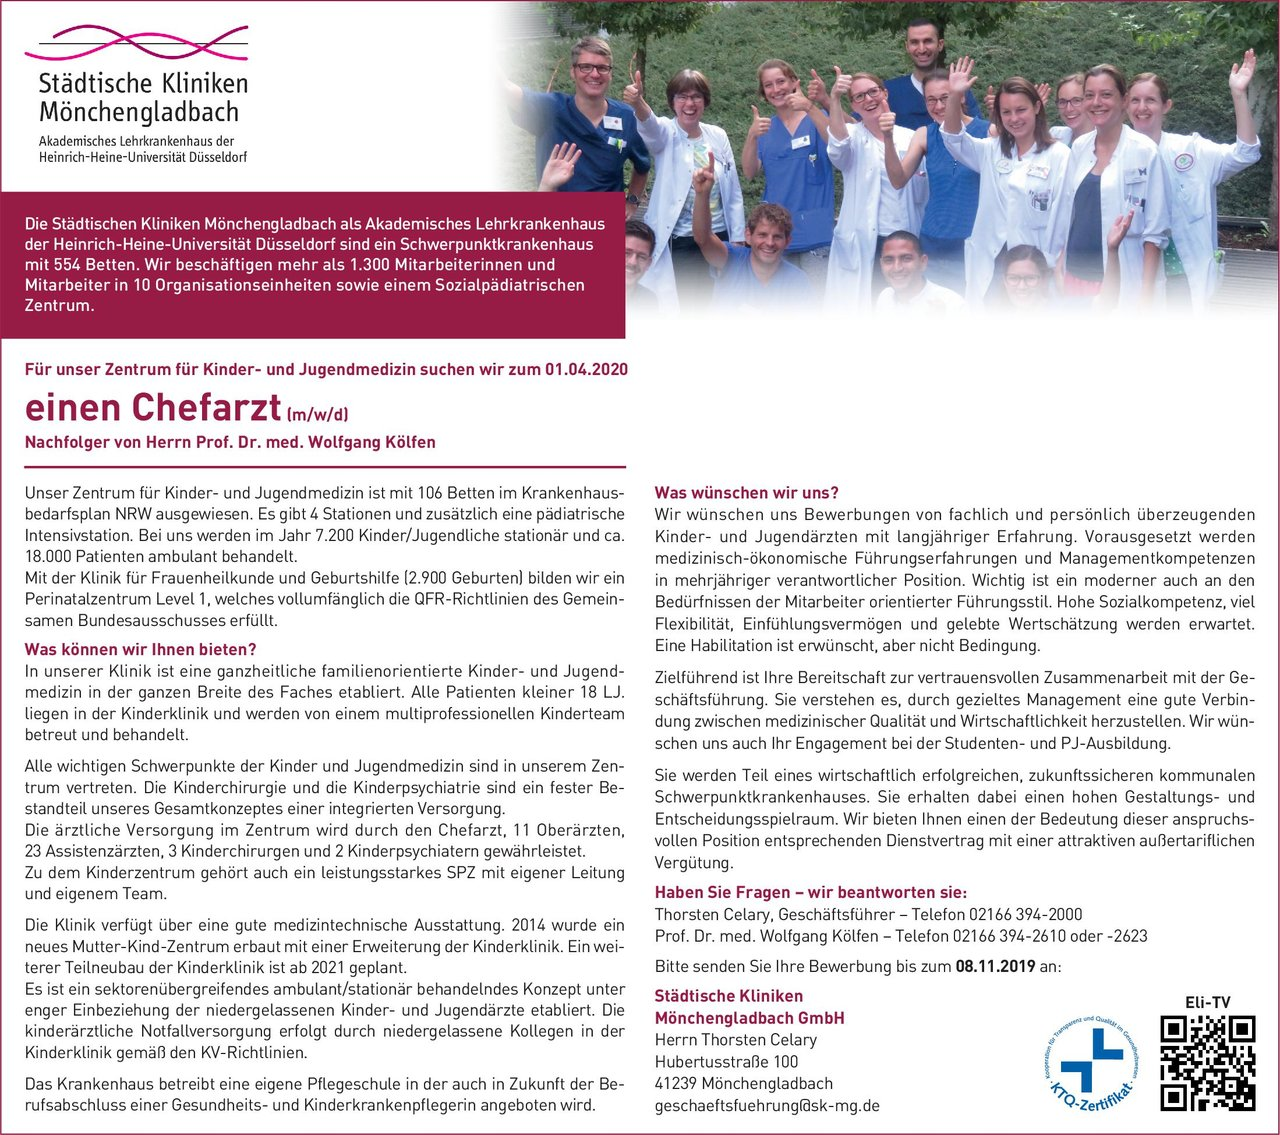 Städtische Kliniken Mönchengladbach GmbH Chefarzt (m/w/d) für Kinder- und Jugendmedizin  Kinder- und Jugendmedizin, Kinder- und Jugendmedizin Chefarzt